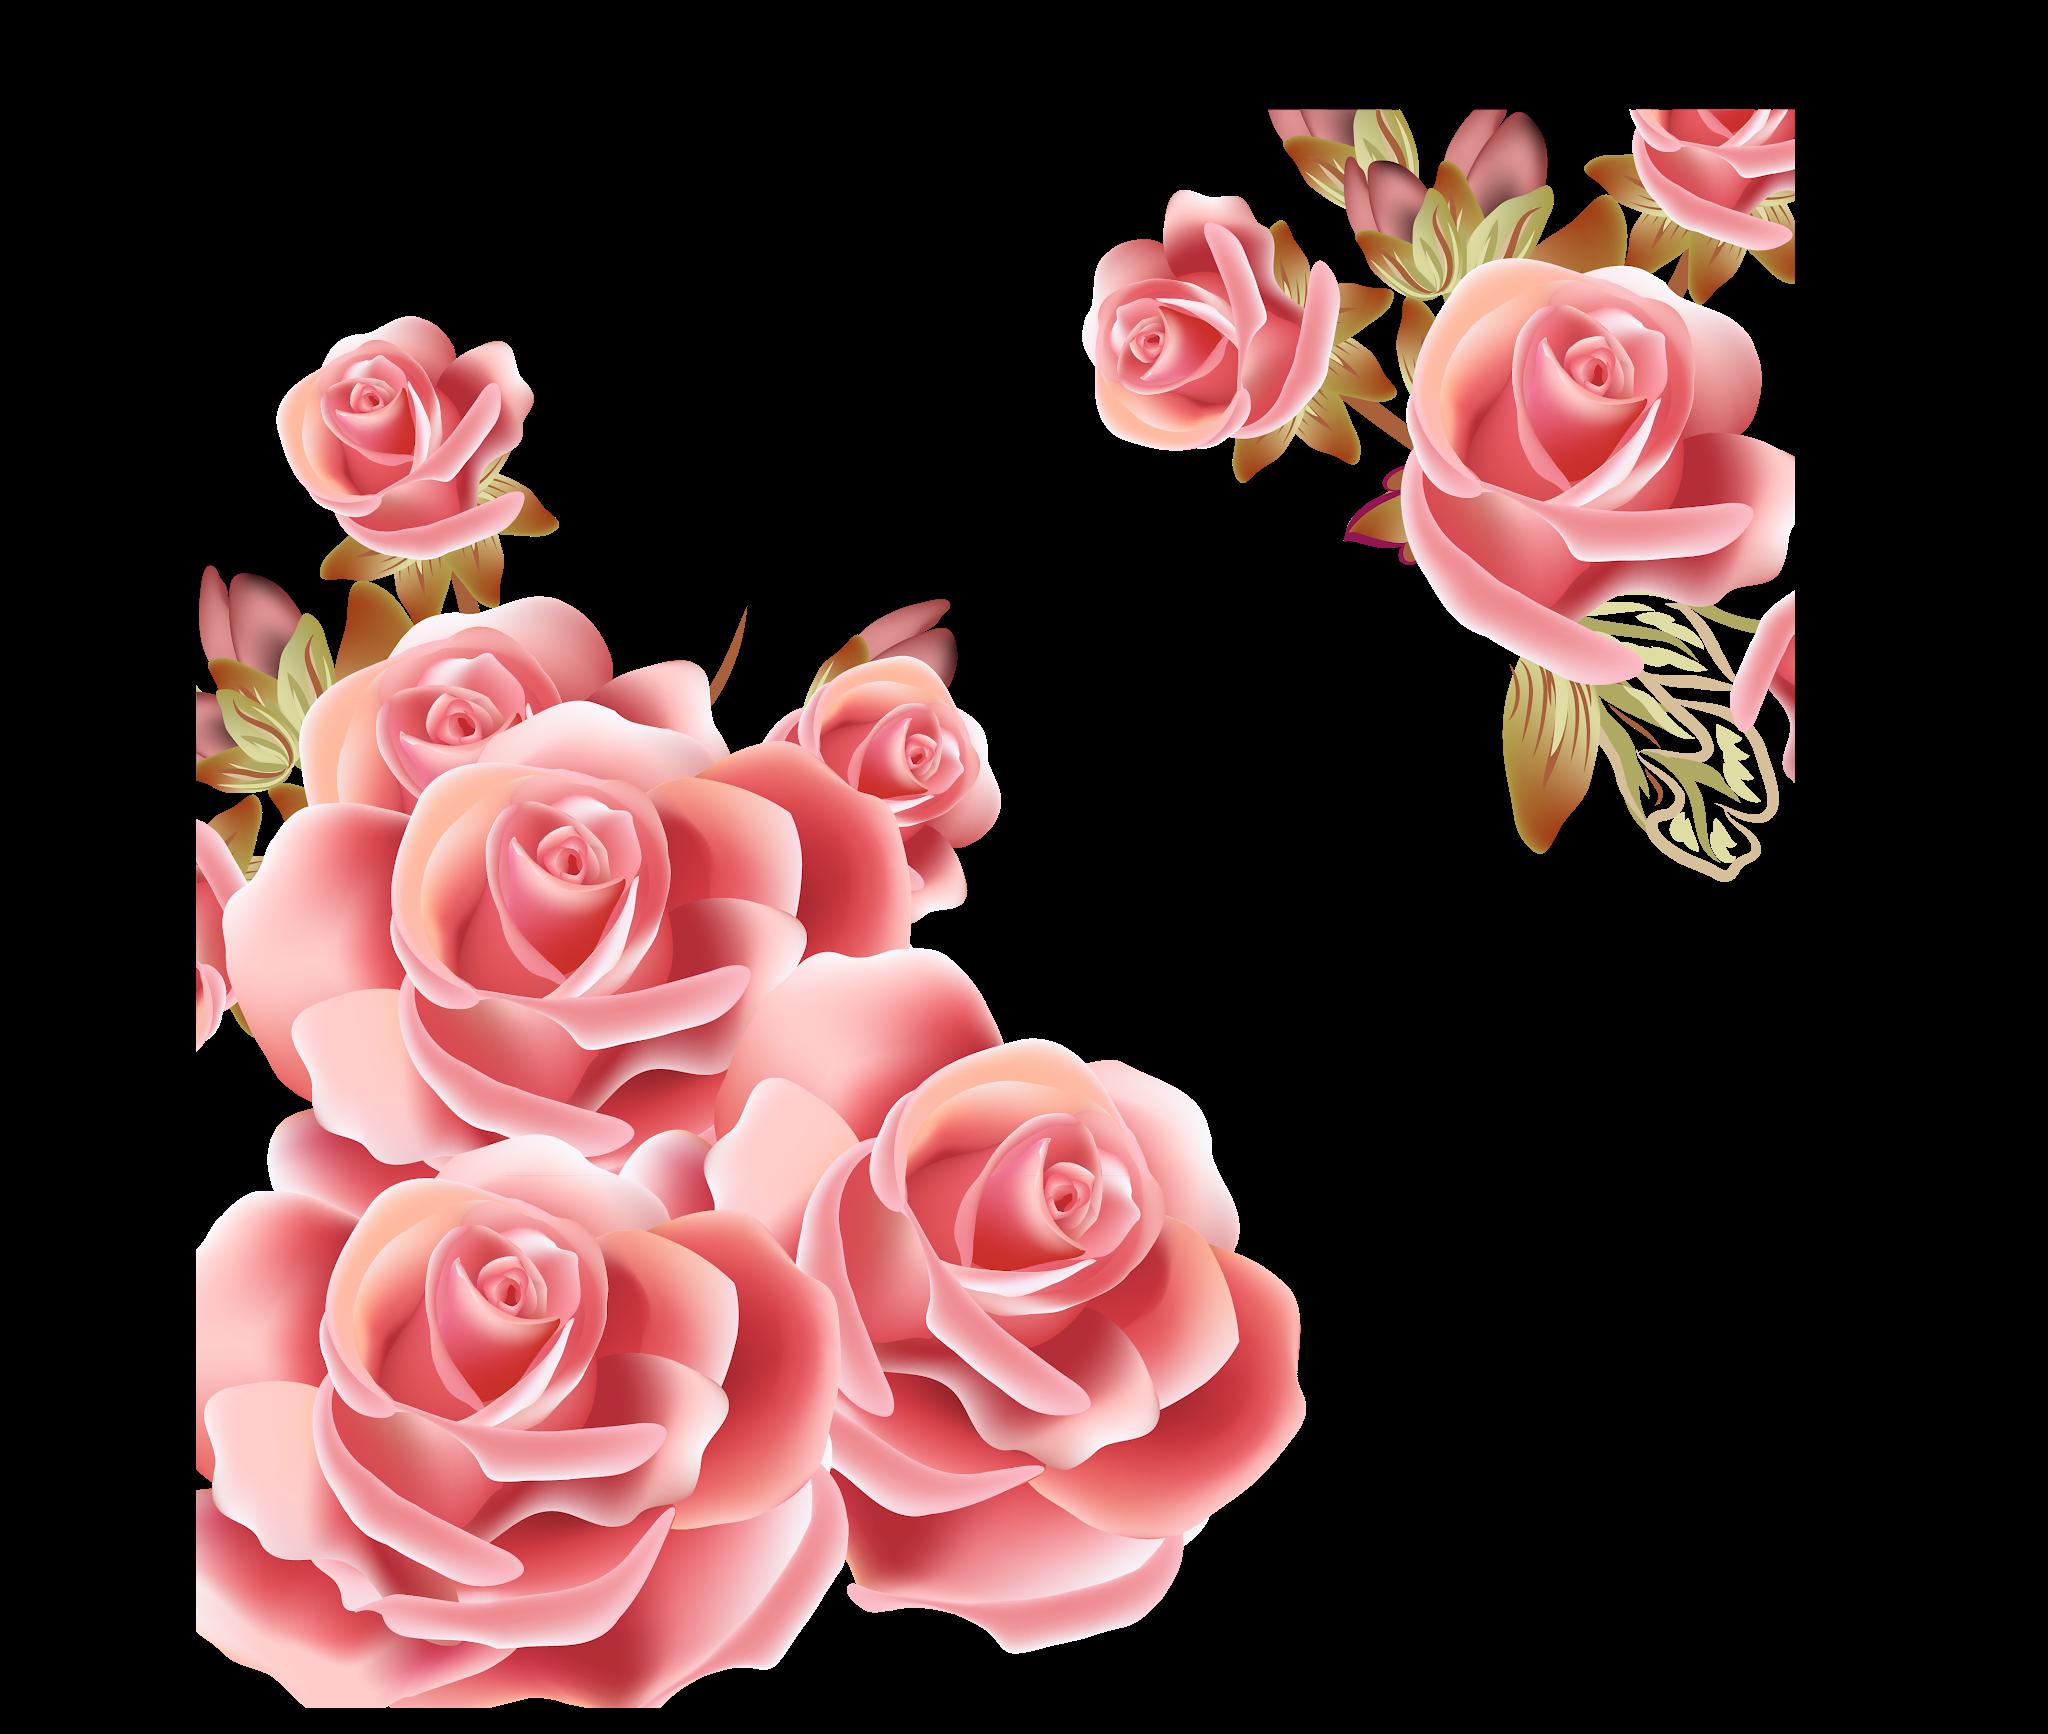 Pink flowers Rose Clip art Vintage Pink Rose Border Png